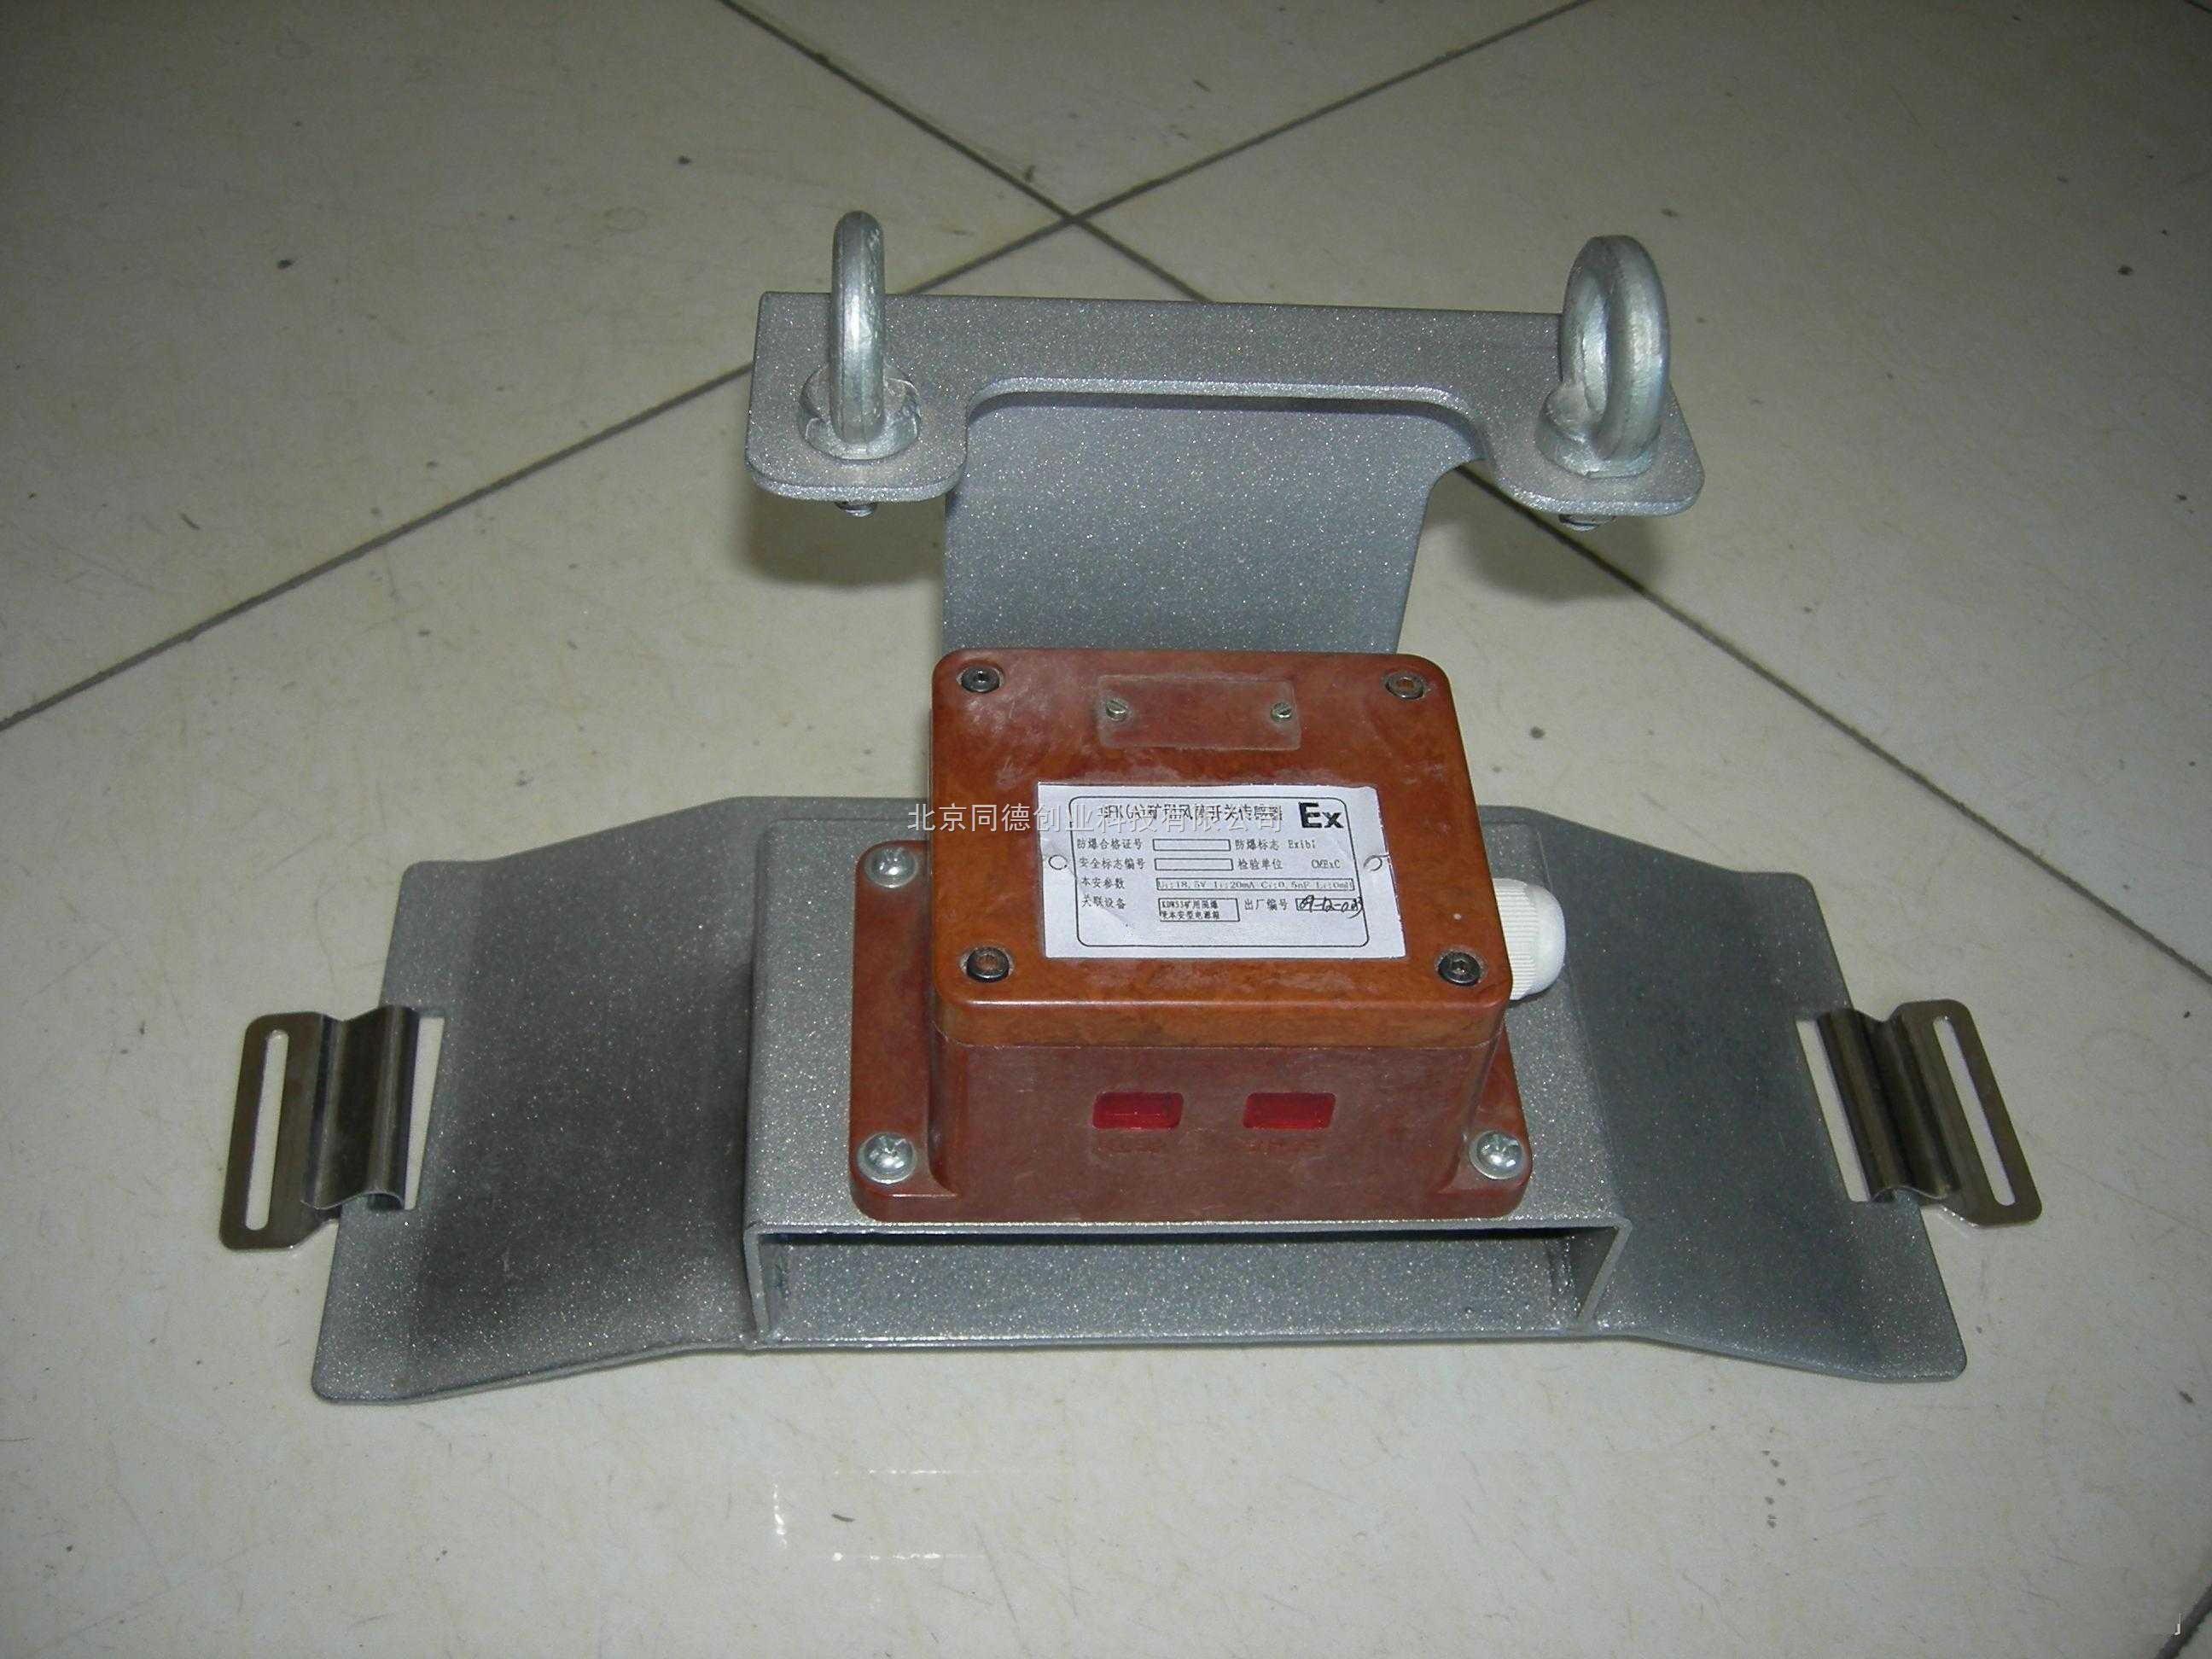 矿用风筒开关传感器型号:zj-gfk(a)